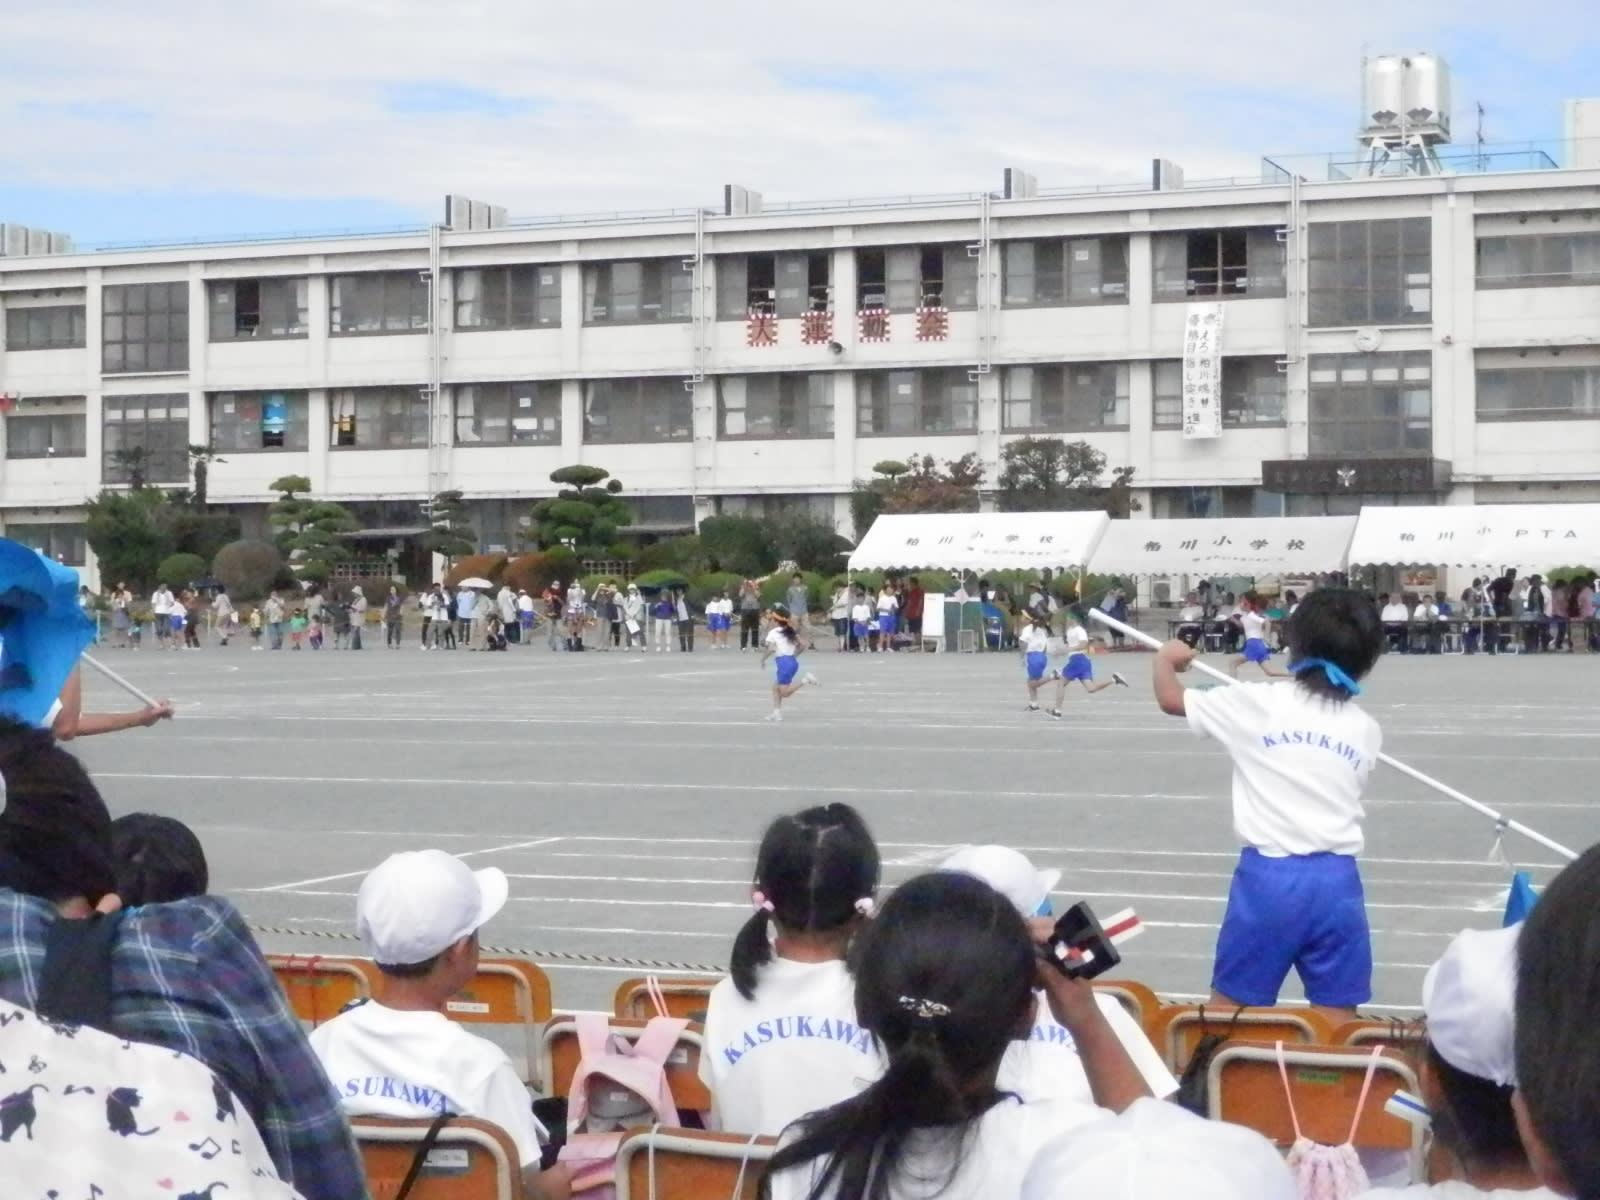 平成24年度 粕川小学校運動会 - JL1AGY's BLOG